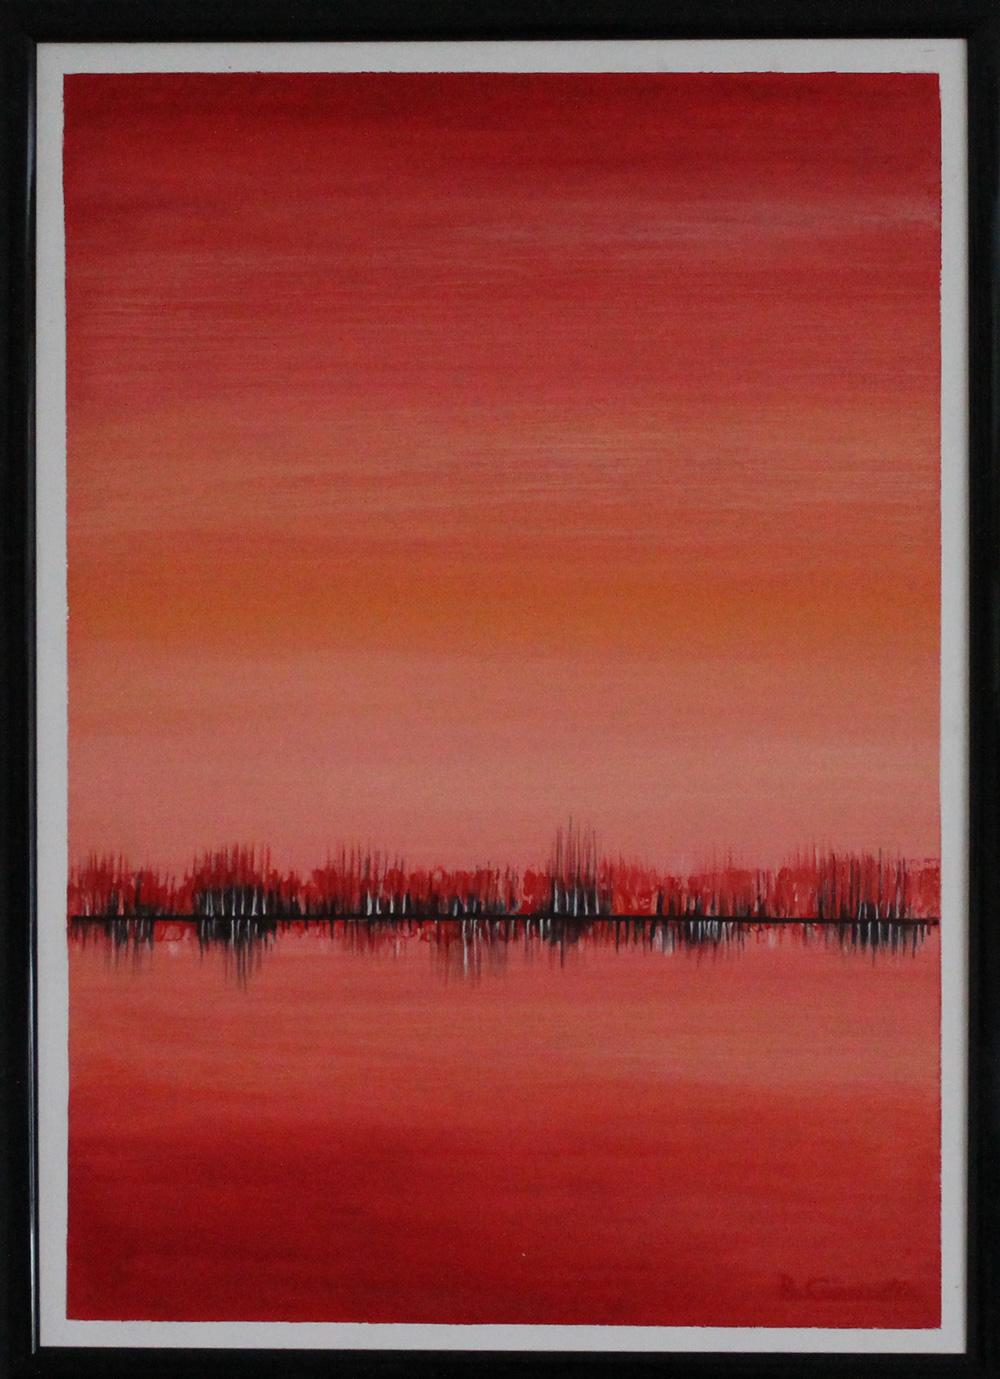 Renzo Gianella Vibrazioni cromatiche Acrilico su tela 50x70 cm